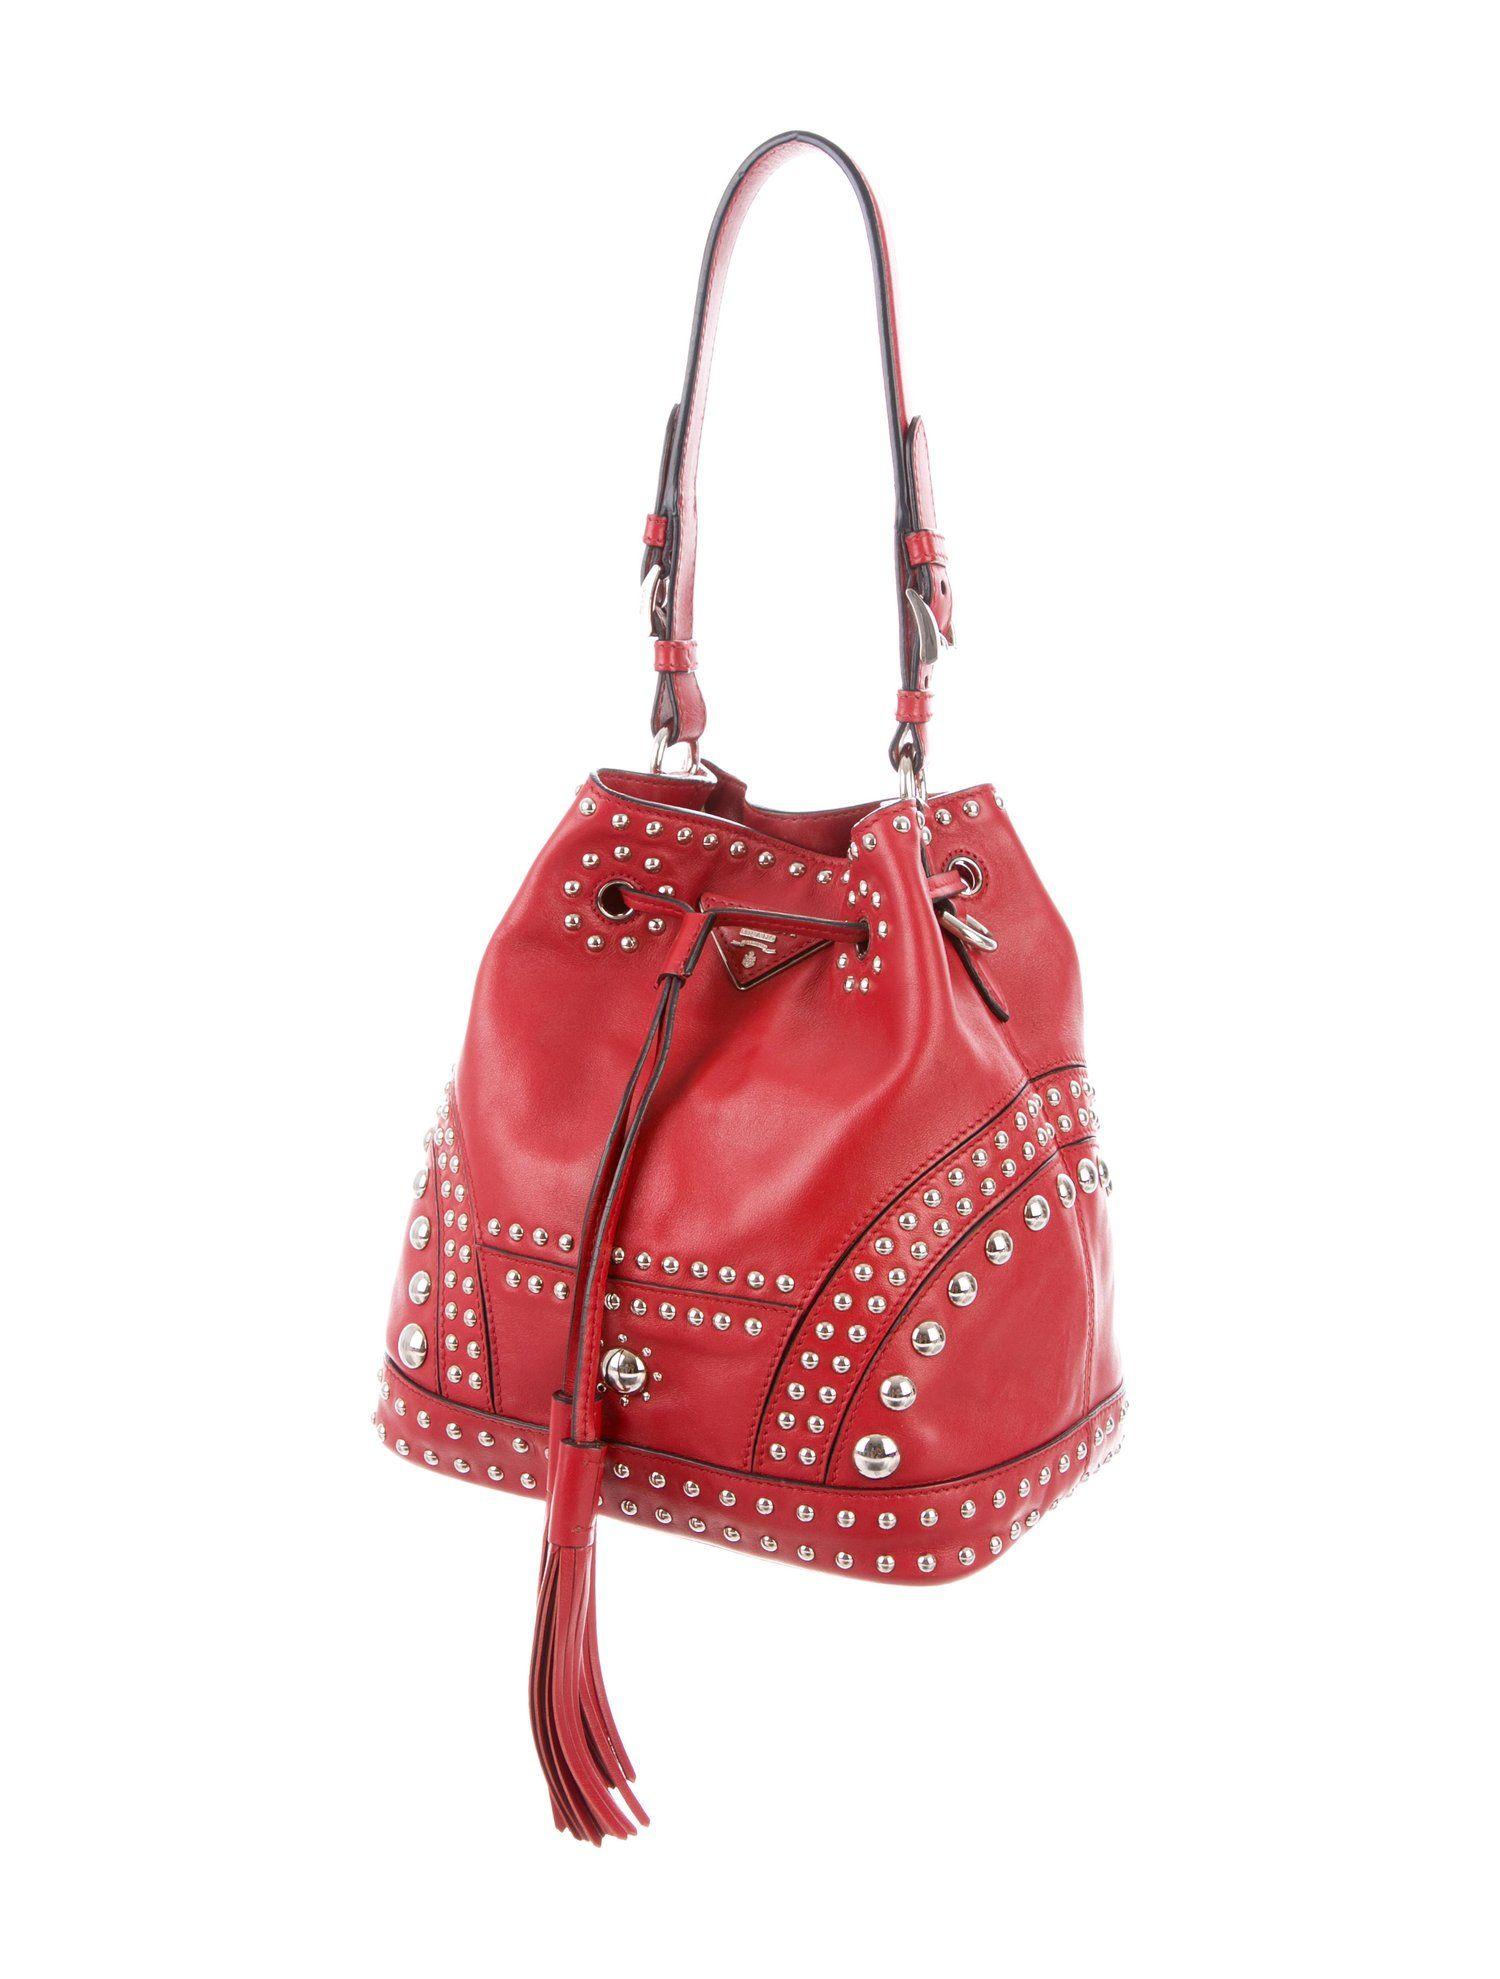 6fda09e059f903 Prada Soft Calf Studded Bucket Bag - Handbags - PRA237311 | The RealReal